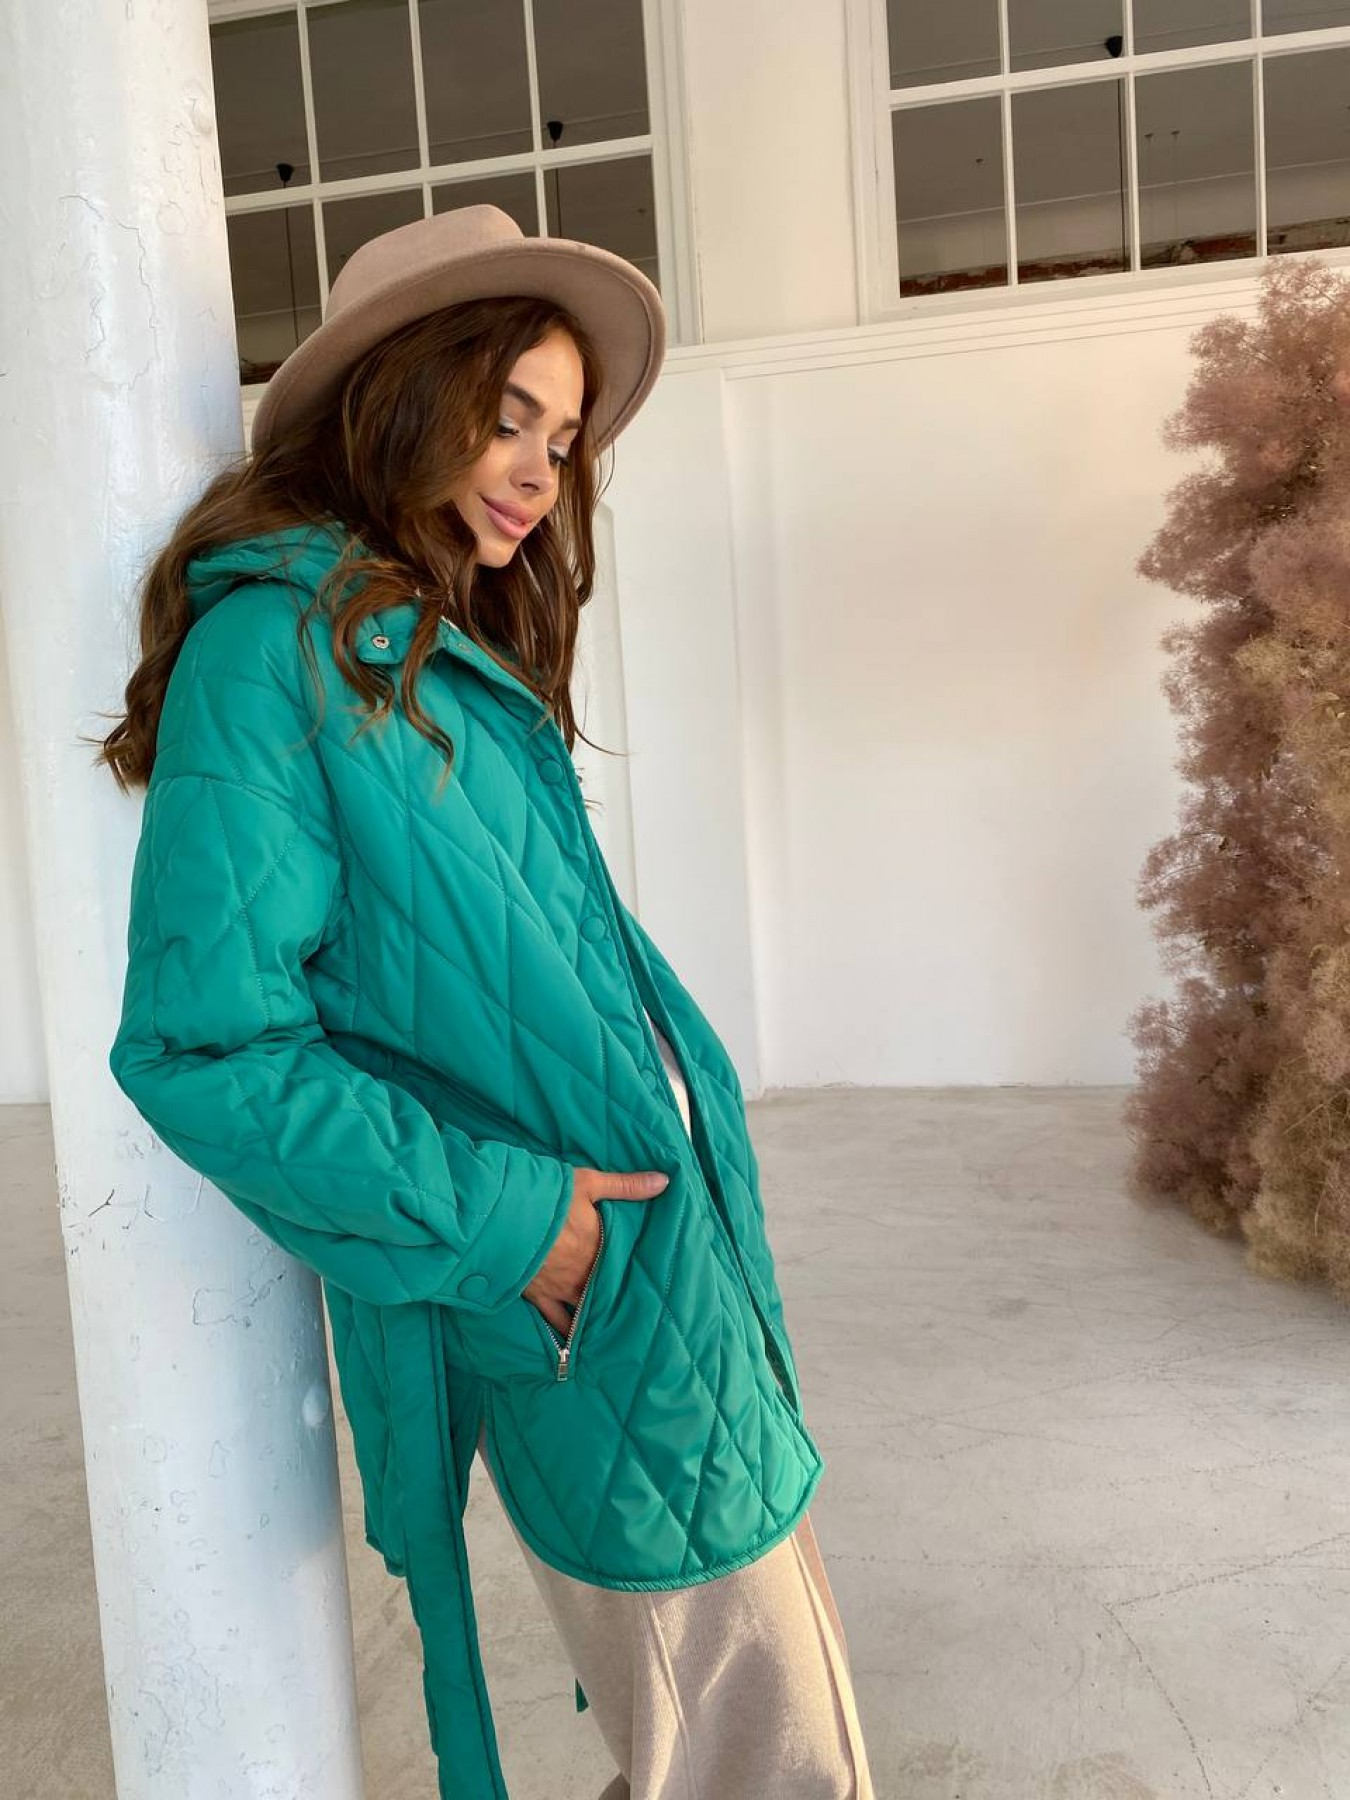 Пазл стеганая куртка из плащевки 11764 АРТ. 48505 Цвет: Зеленый 2 - фото 2, интернет магазин tm-modus.ru